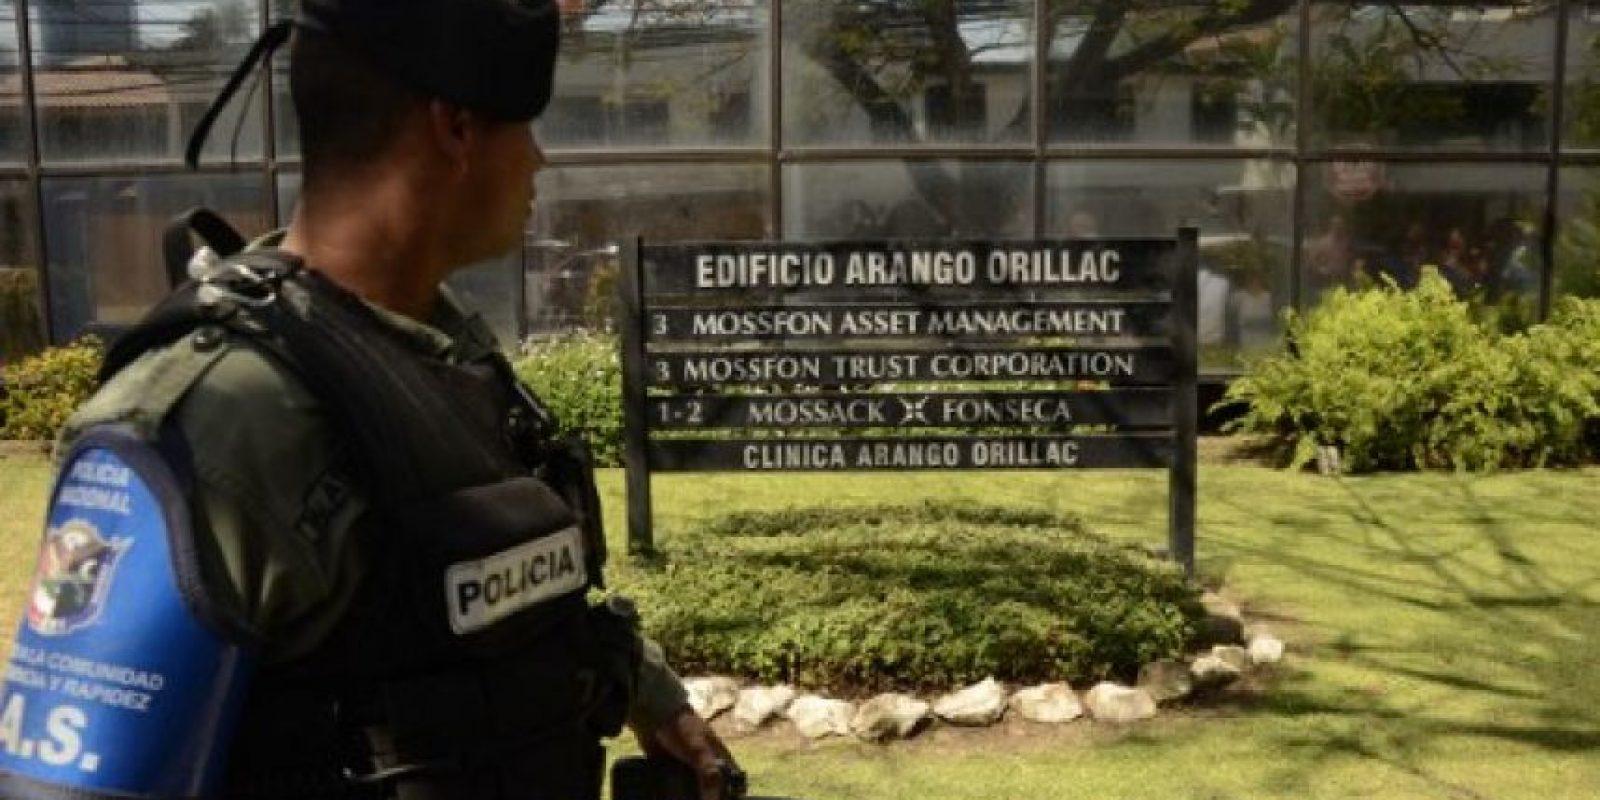 Mossack Fonseca tiene más de 35 sucursales alrededor del mundo y así como ocultaban dinero de figuras mundiales, lo hacían para narcos y otras figuras de dudosa reputación. Foto:AFP